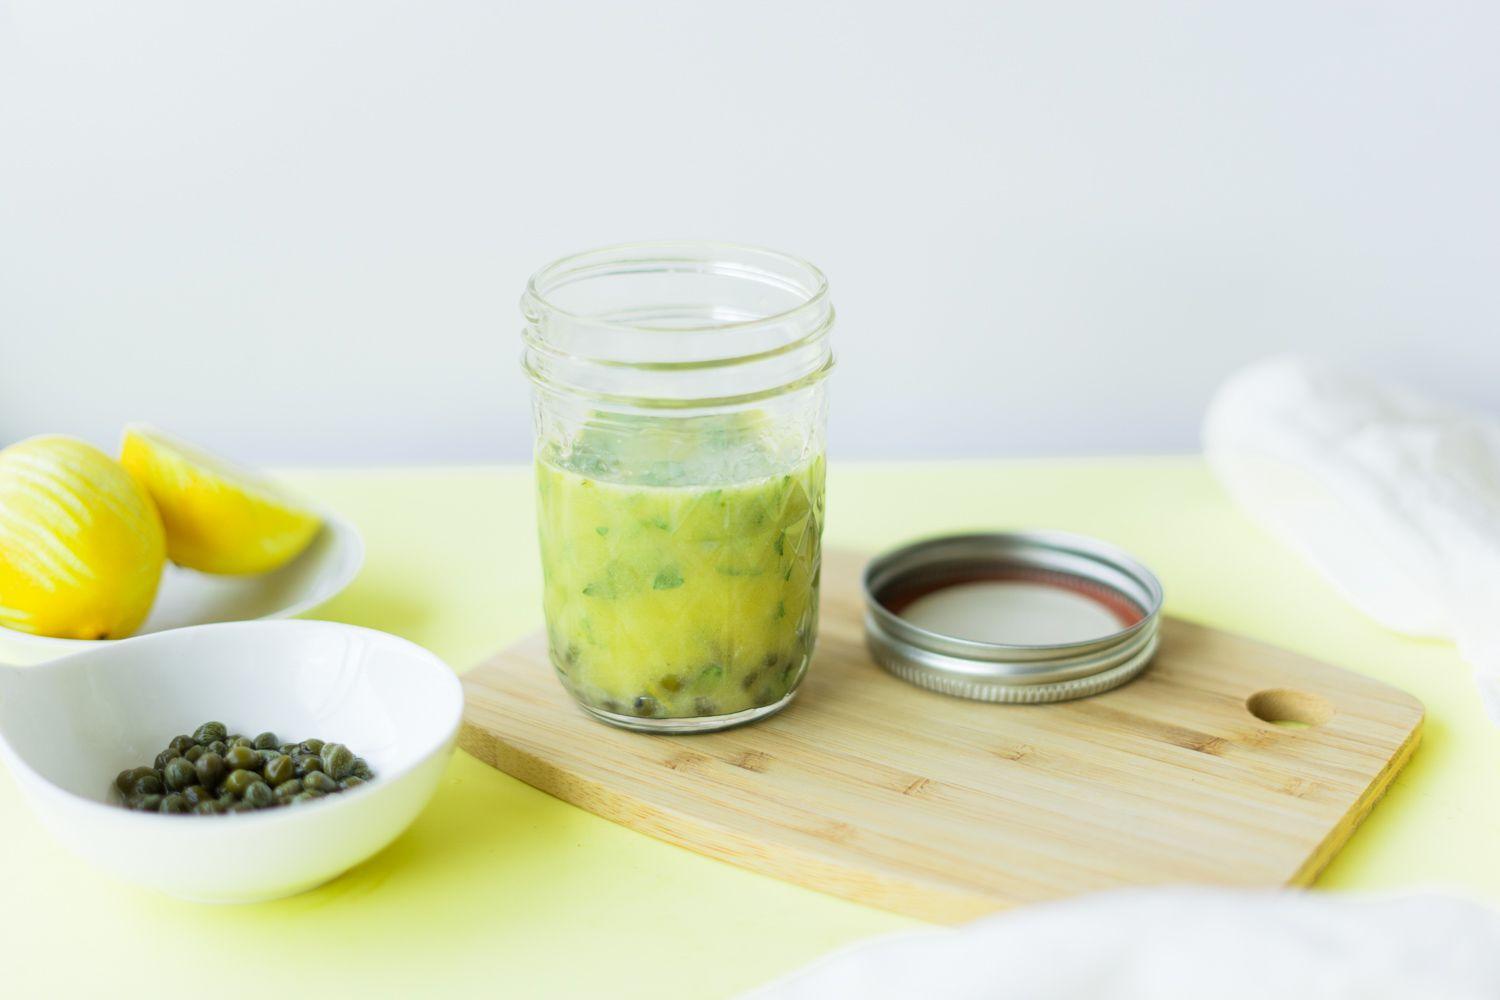 Lemon caper sauce in a glass jar